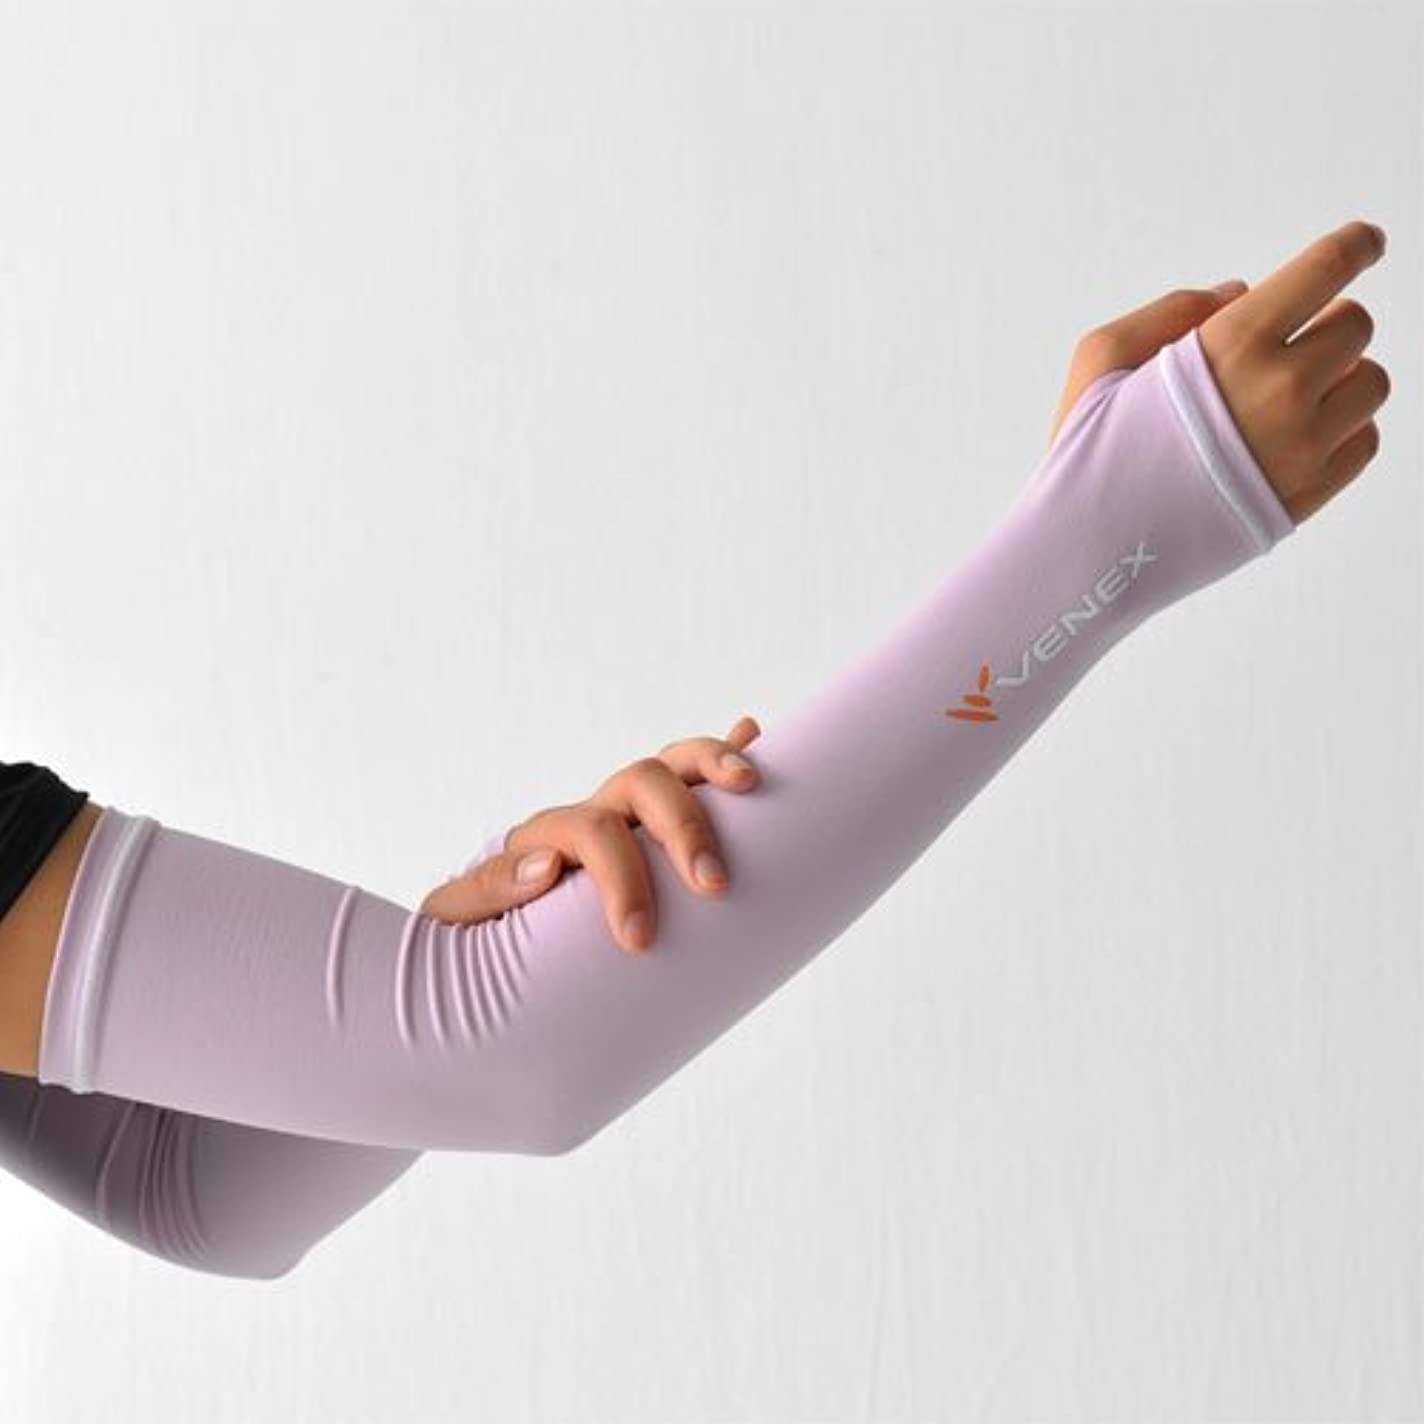 札入れ別れる故障VENEX (ベネクス) リカバリーウェア アームコンフォート ユニセックス 部屋着 むくみ 腕 手首 疲れとり 疲労回復 快眠 安眠 UVカット (UPF50+)